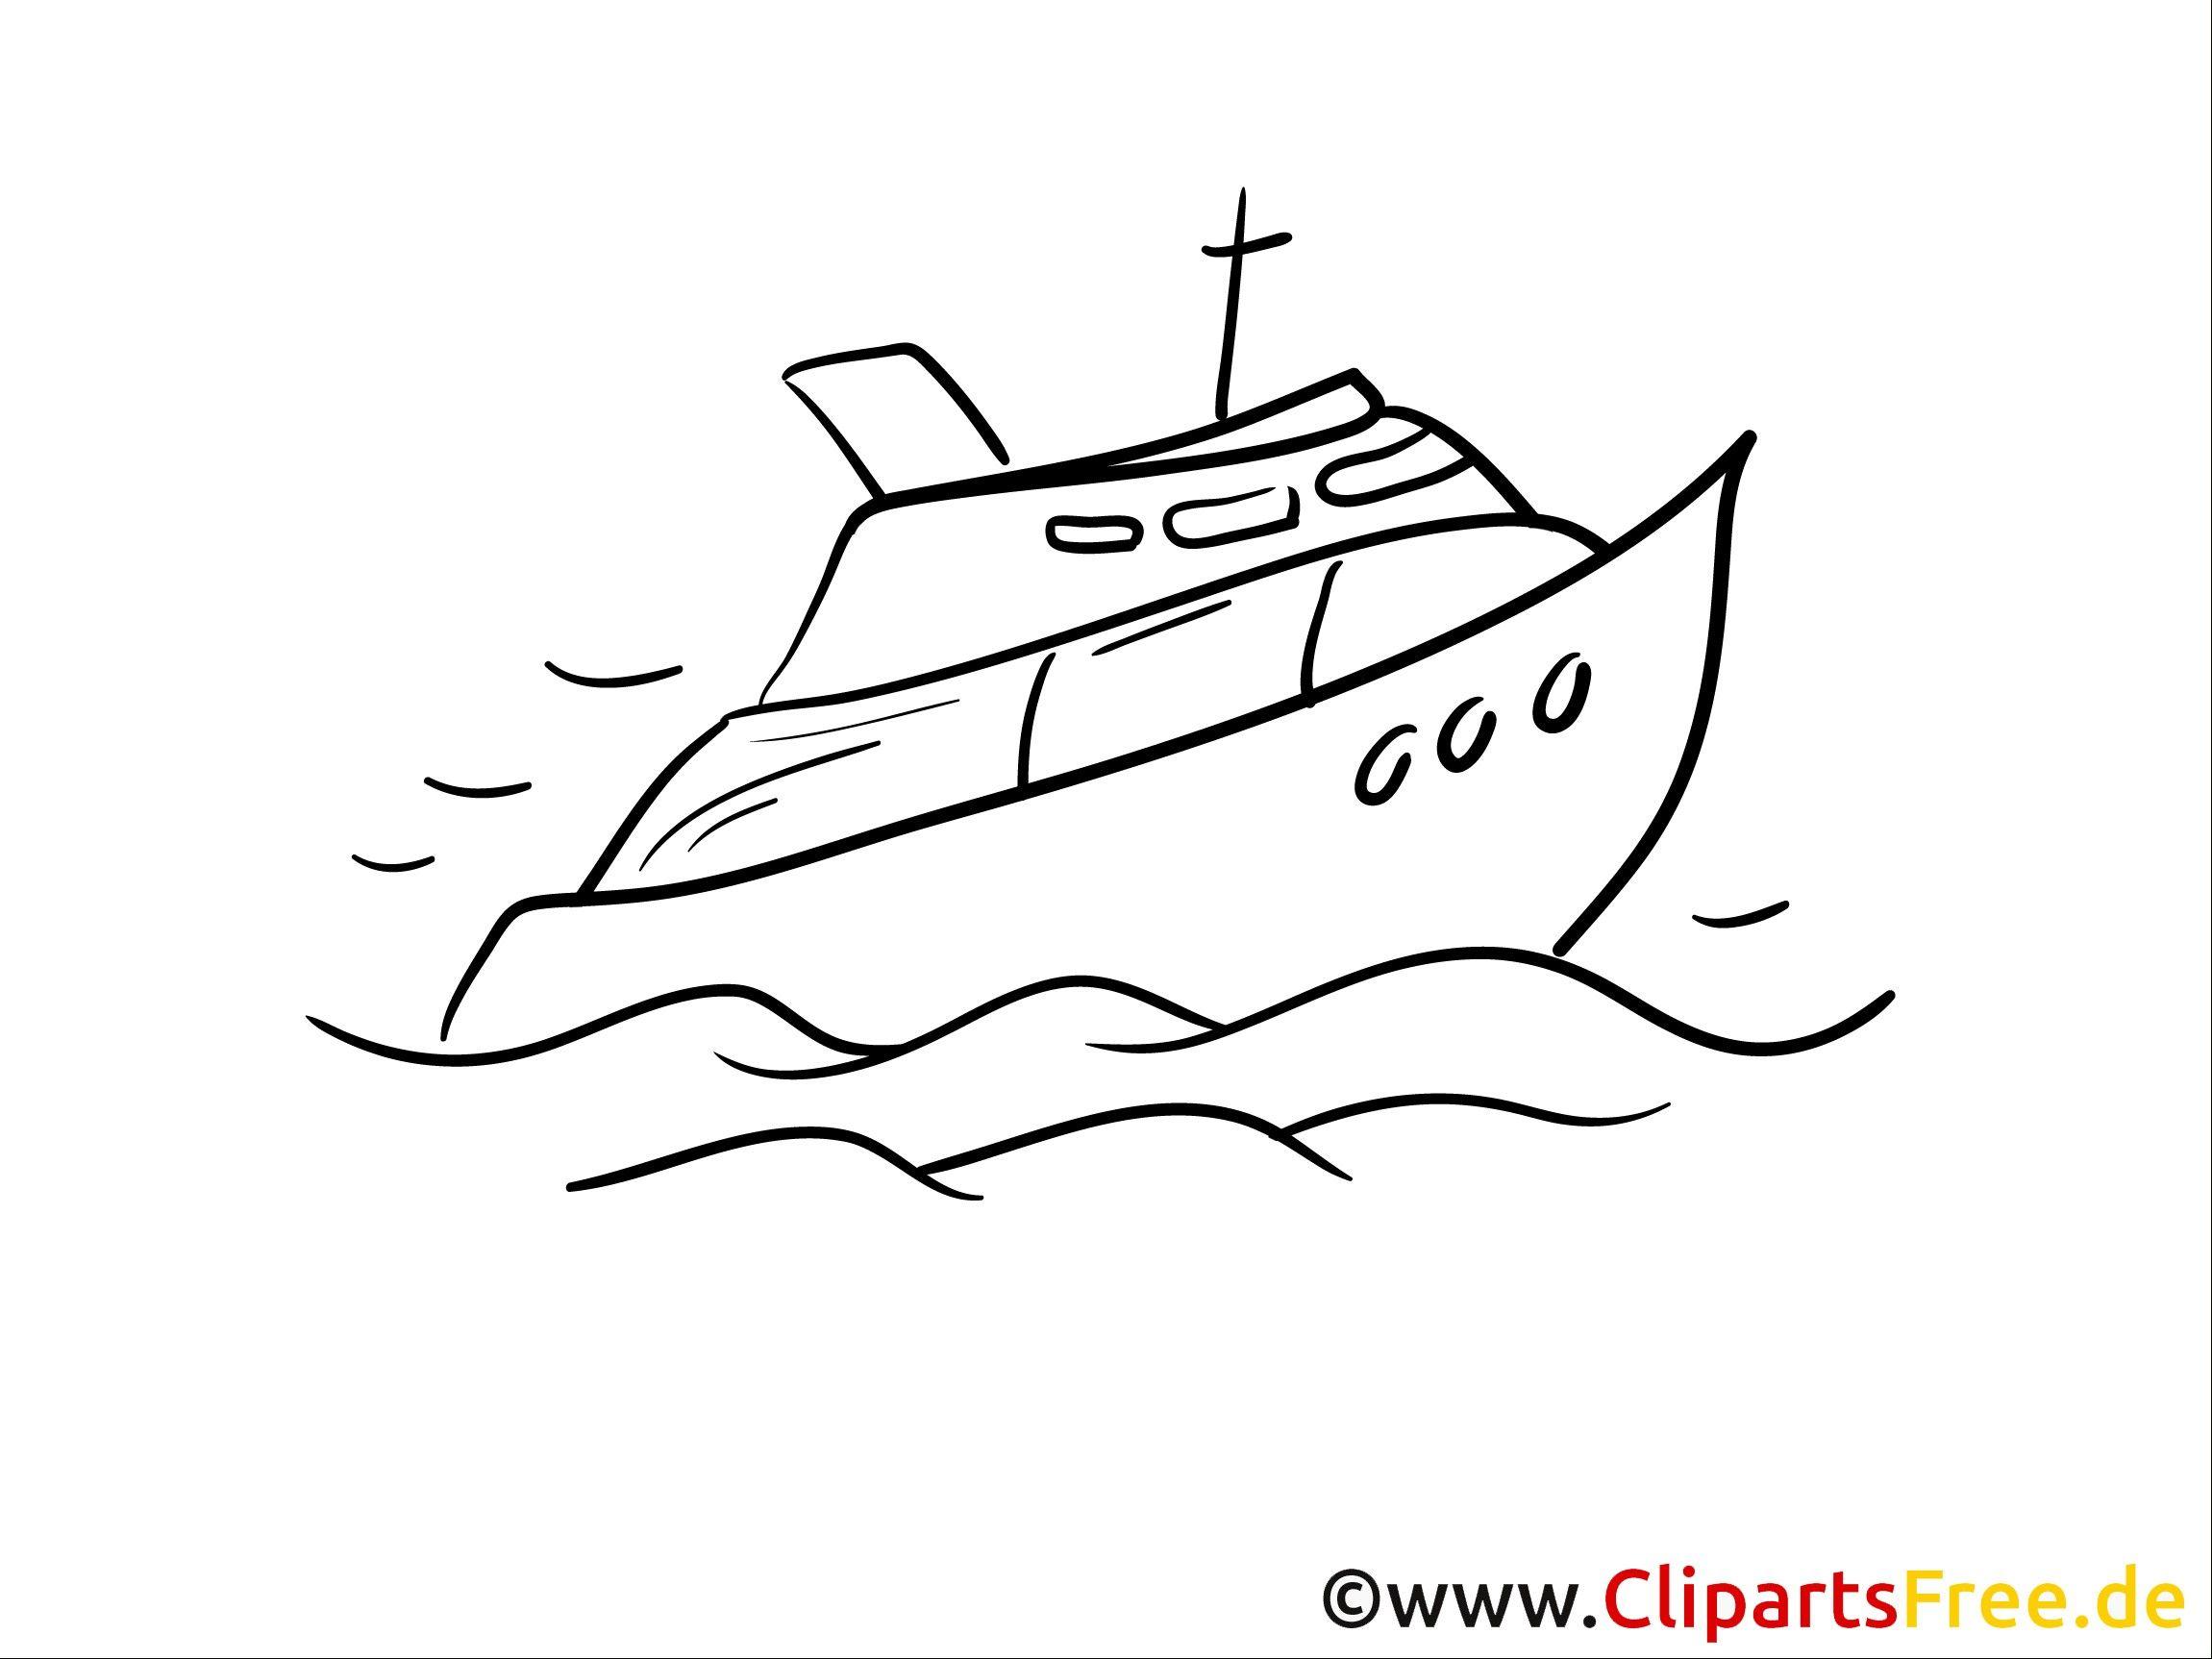 schiff zum ausmalen  kinderbilderdownload  kinderbilder